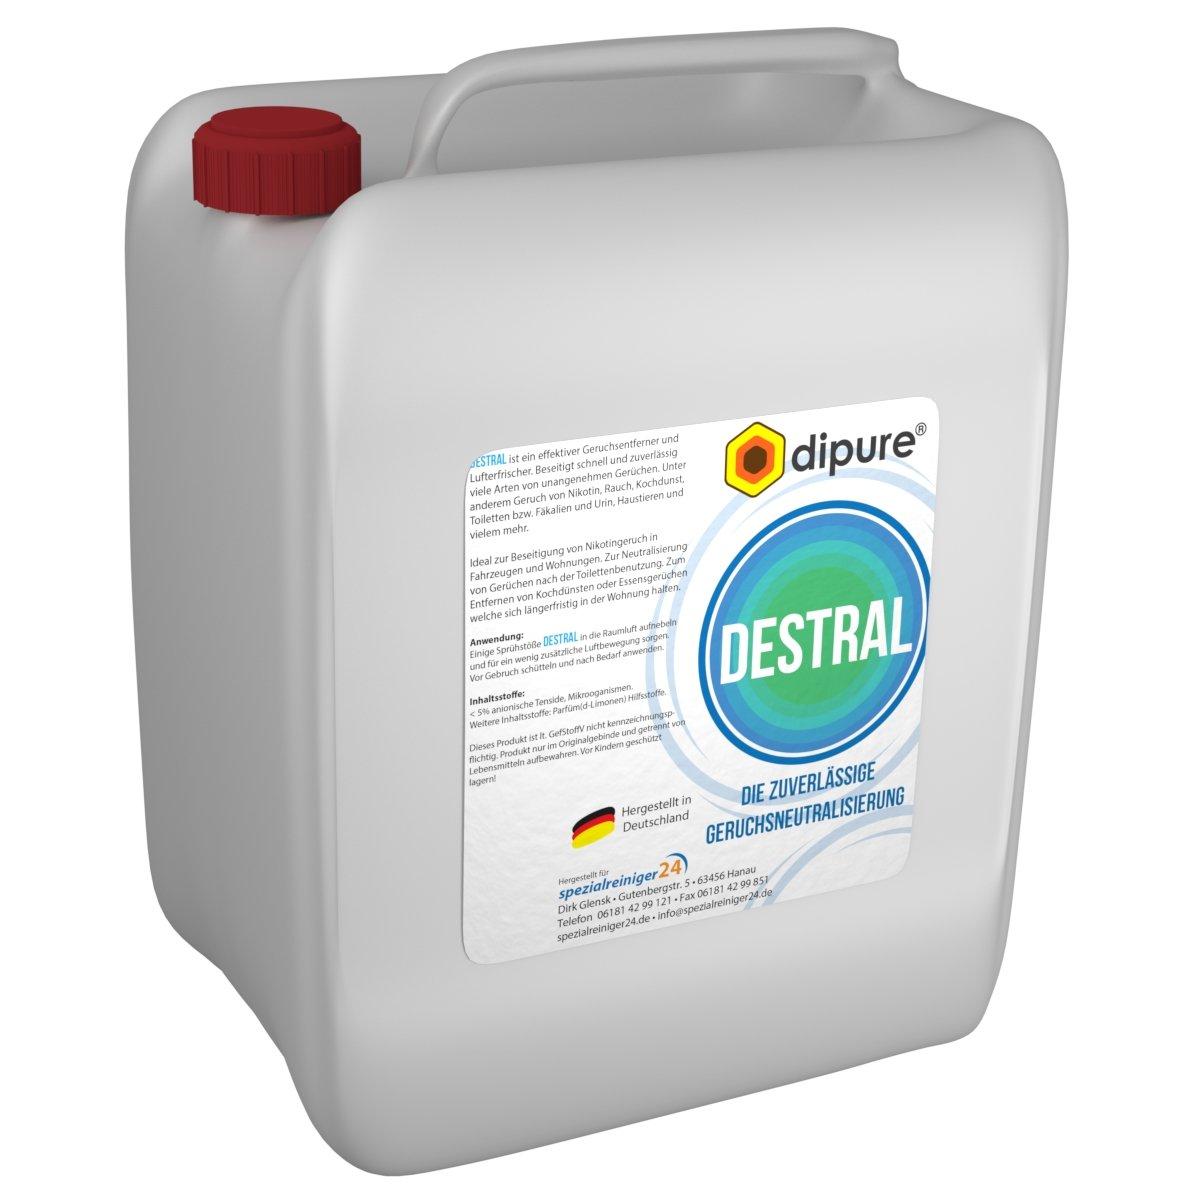 dipure® DESTRAL Geruchsneutralisierer mit Mikroorganismen 10 Liter ...